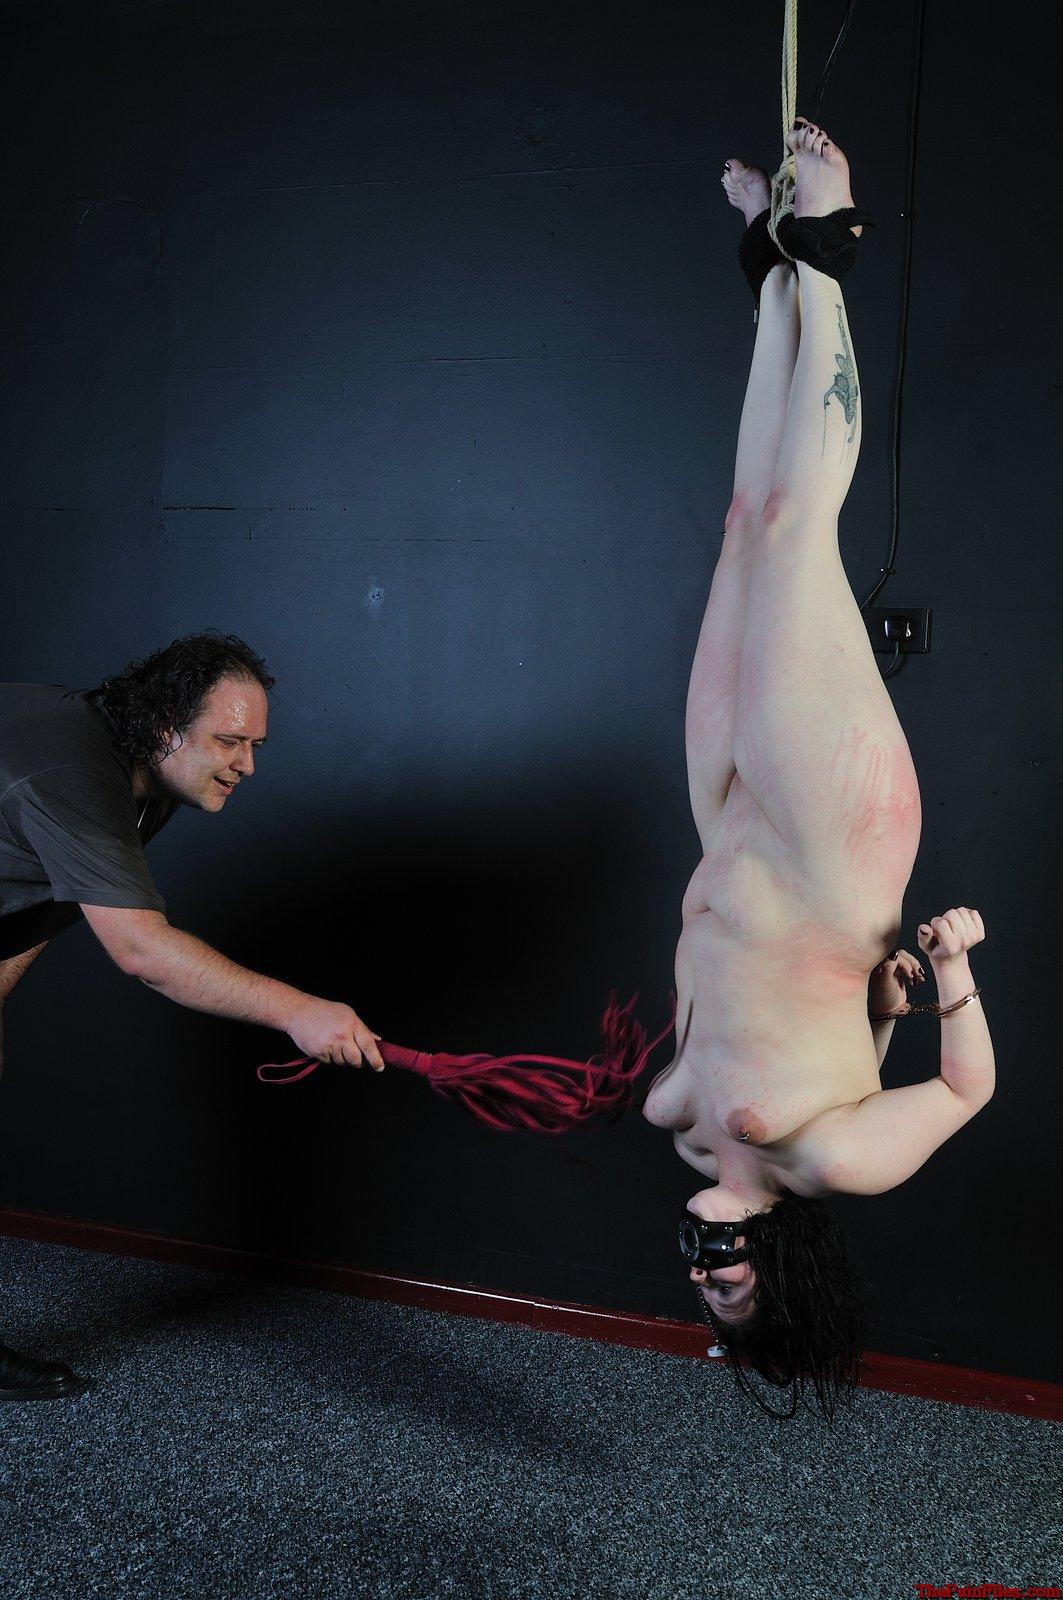 lara croft naked porno